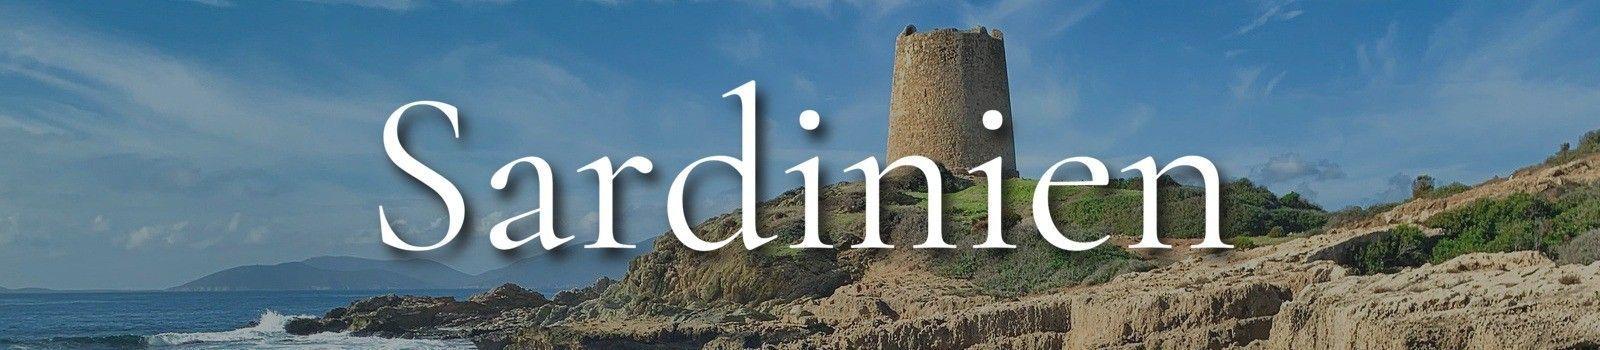 Sardinien Banner